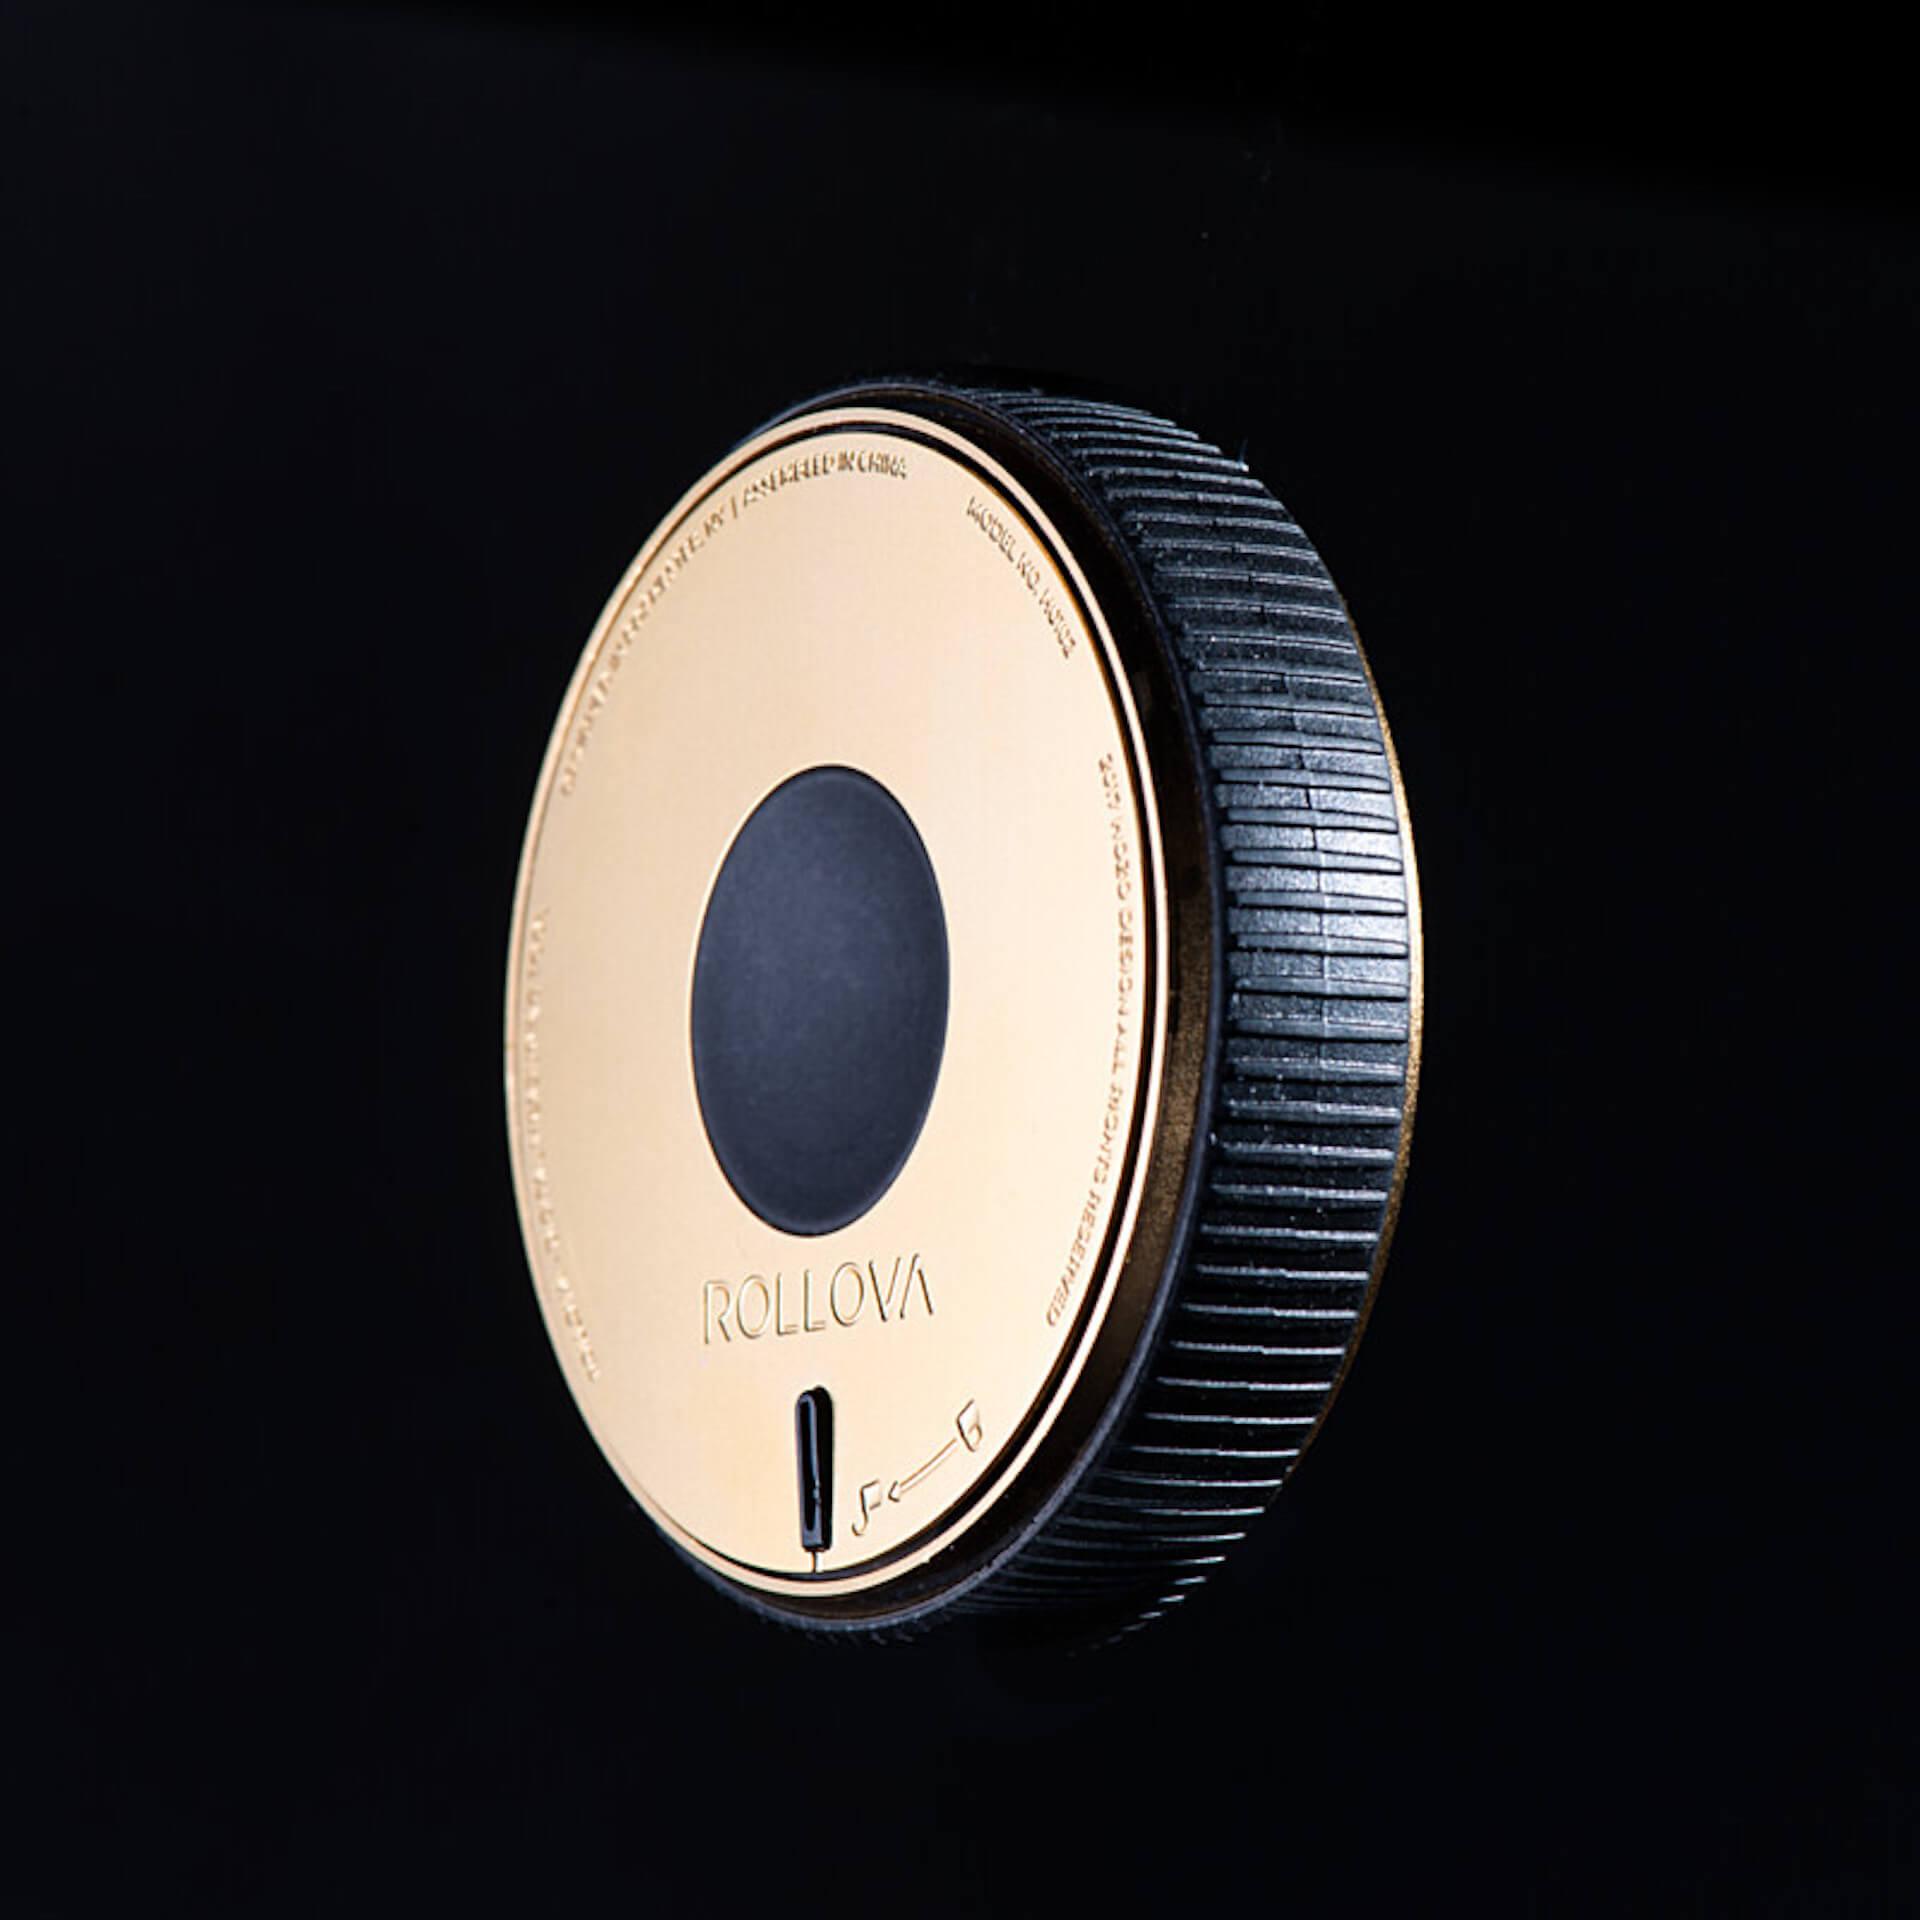 直径わずか5cm、転がすだけで立体物も計測できる!スマート巻尺「ROLLOVA」が登場 tech190903rollova_6